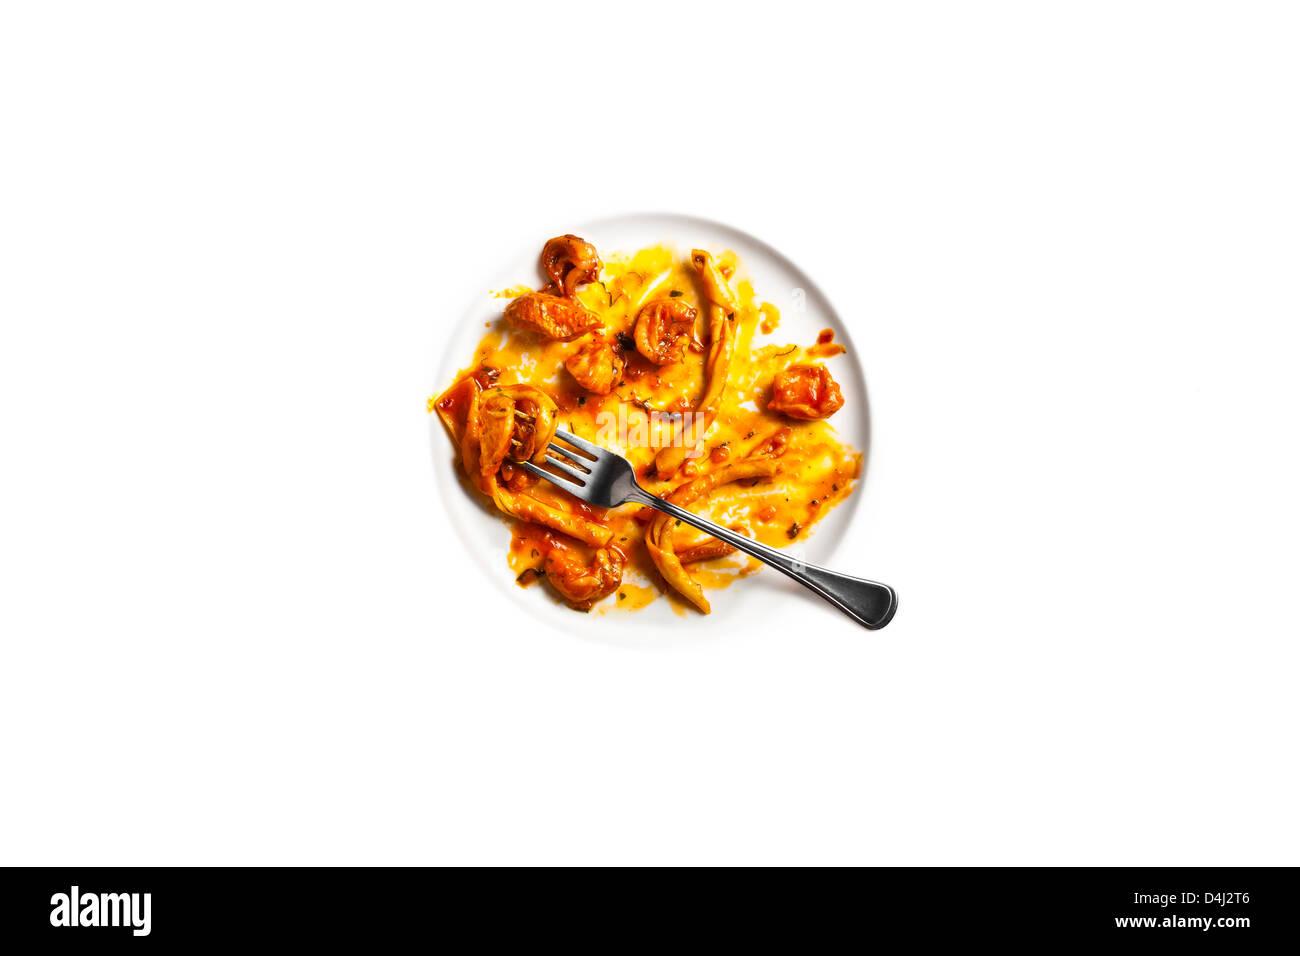 Strozzapreti con Brodetto di Pesce. Handmade pasta with a rich seafood and tomato stew. - Stock Image